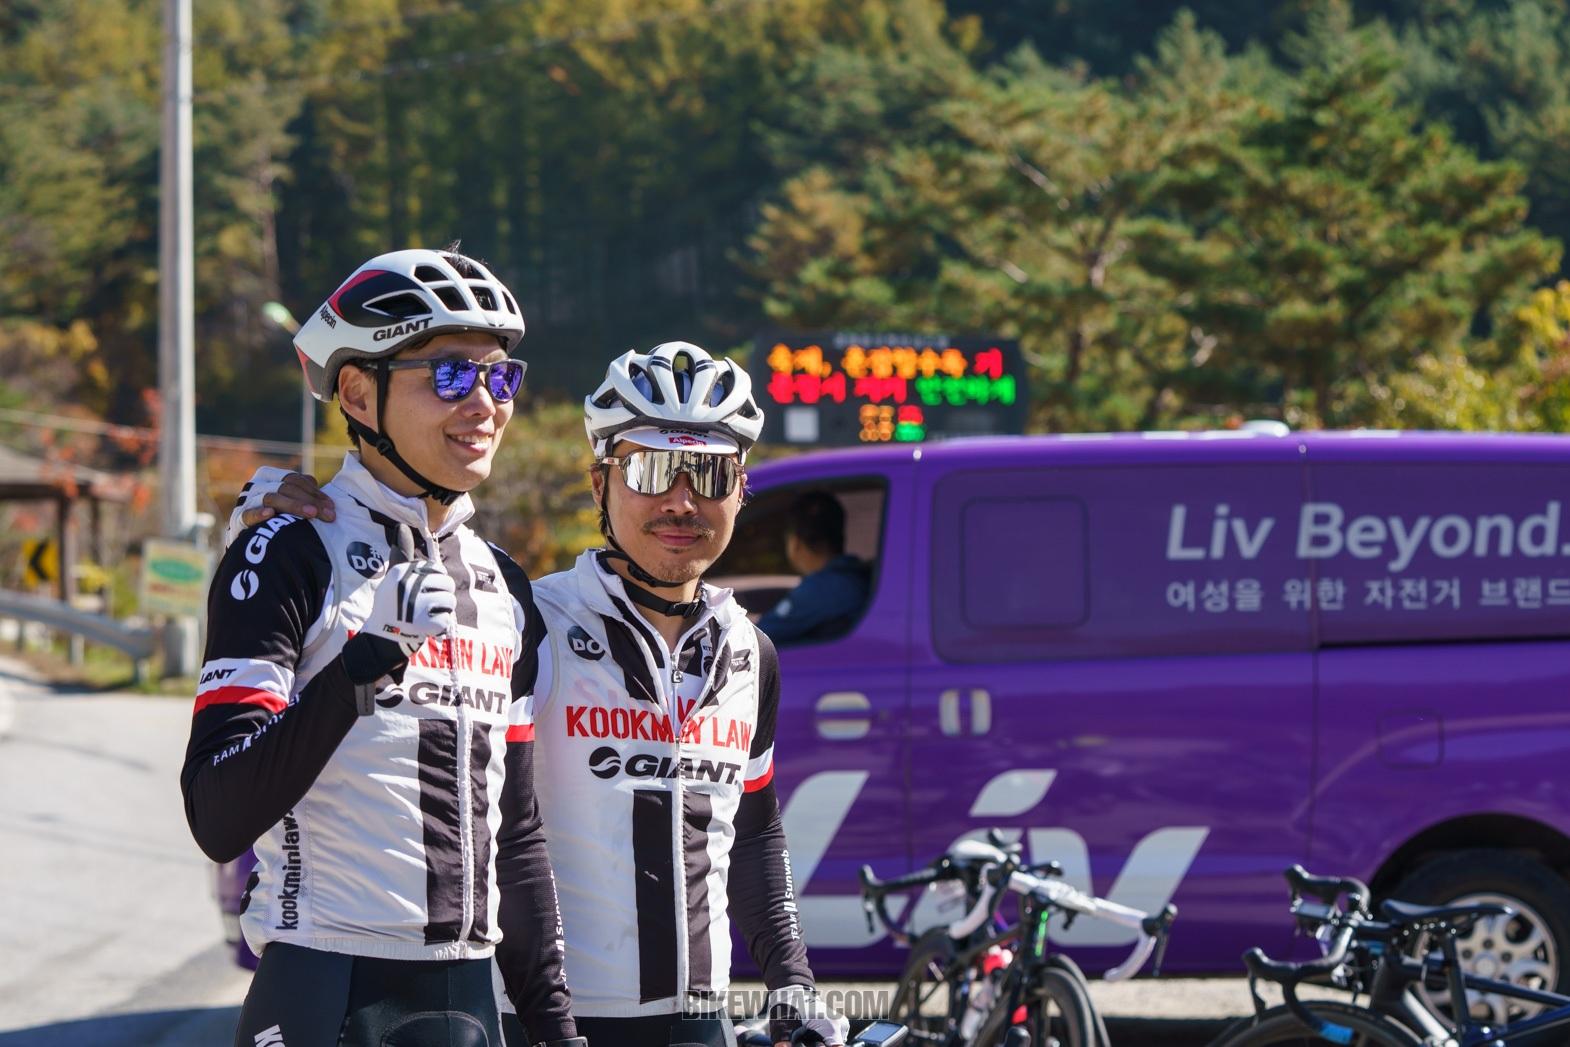 Giant_liv_ride (63).jpg